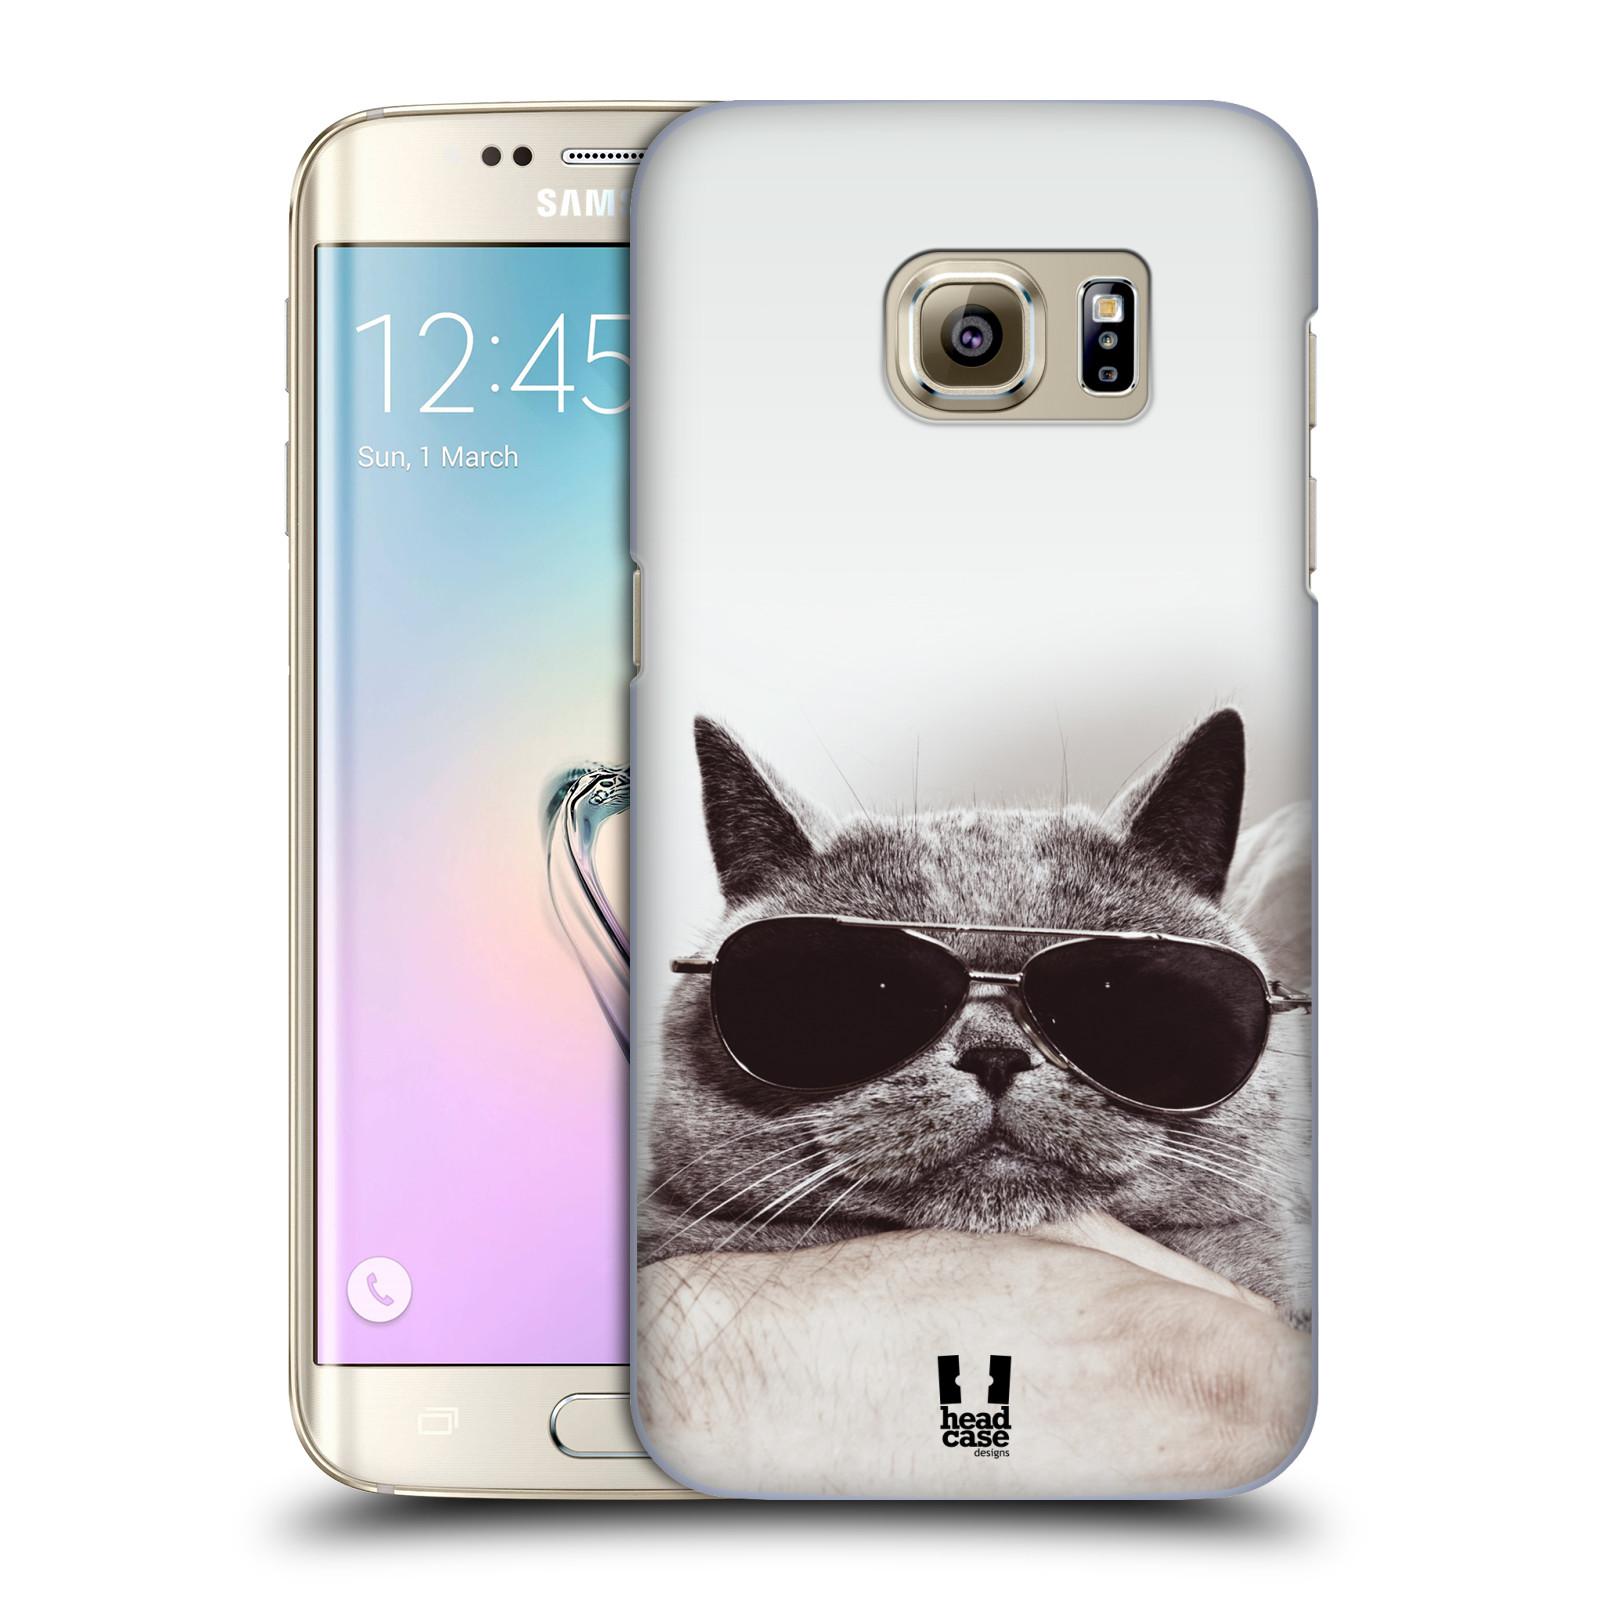 Plastové pouzdro na mobil Samsung Galaxy S7 Edge HEAD CASE KOTĚ S BRÝLEMI (Kryt či obal na mobilní telefon Samsung Galaxy S7 Edge SM-G935F)